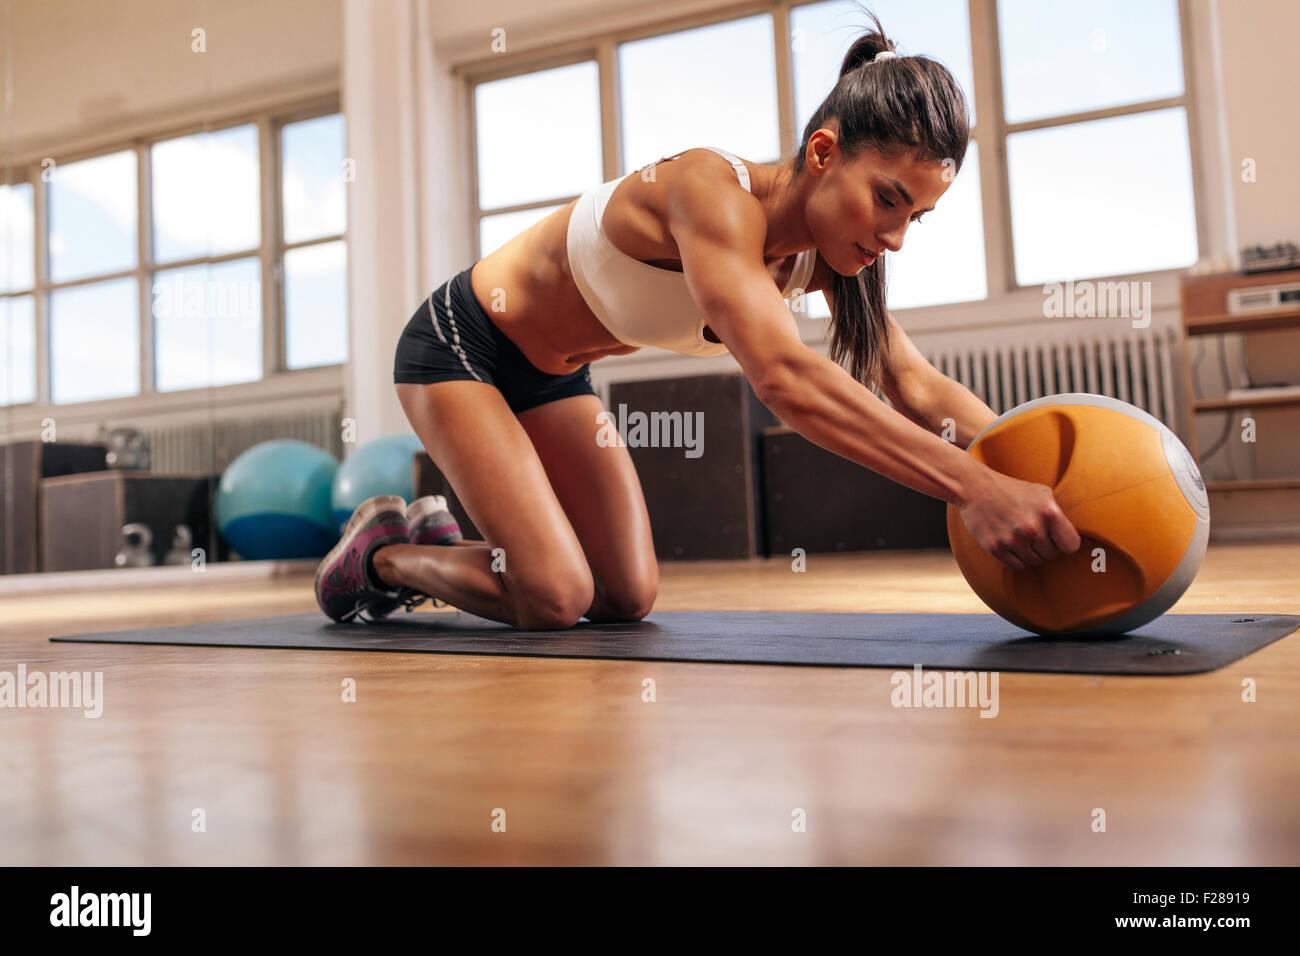 Forte giovane donna facendo un intenso allenamento con kettlebell in palestra. Giovane donna muscolare facendo esercizio Immagini Stock